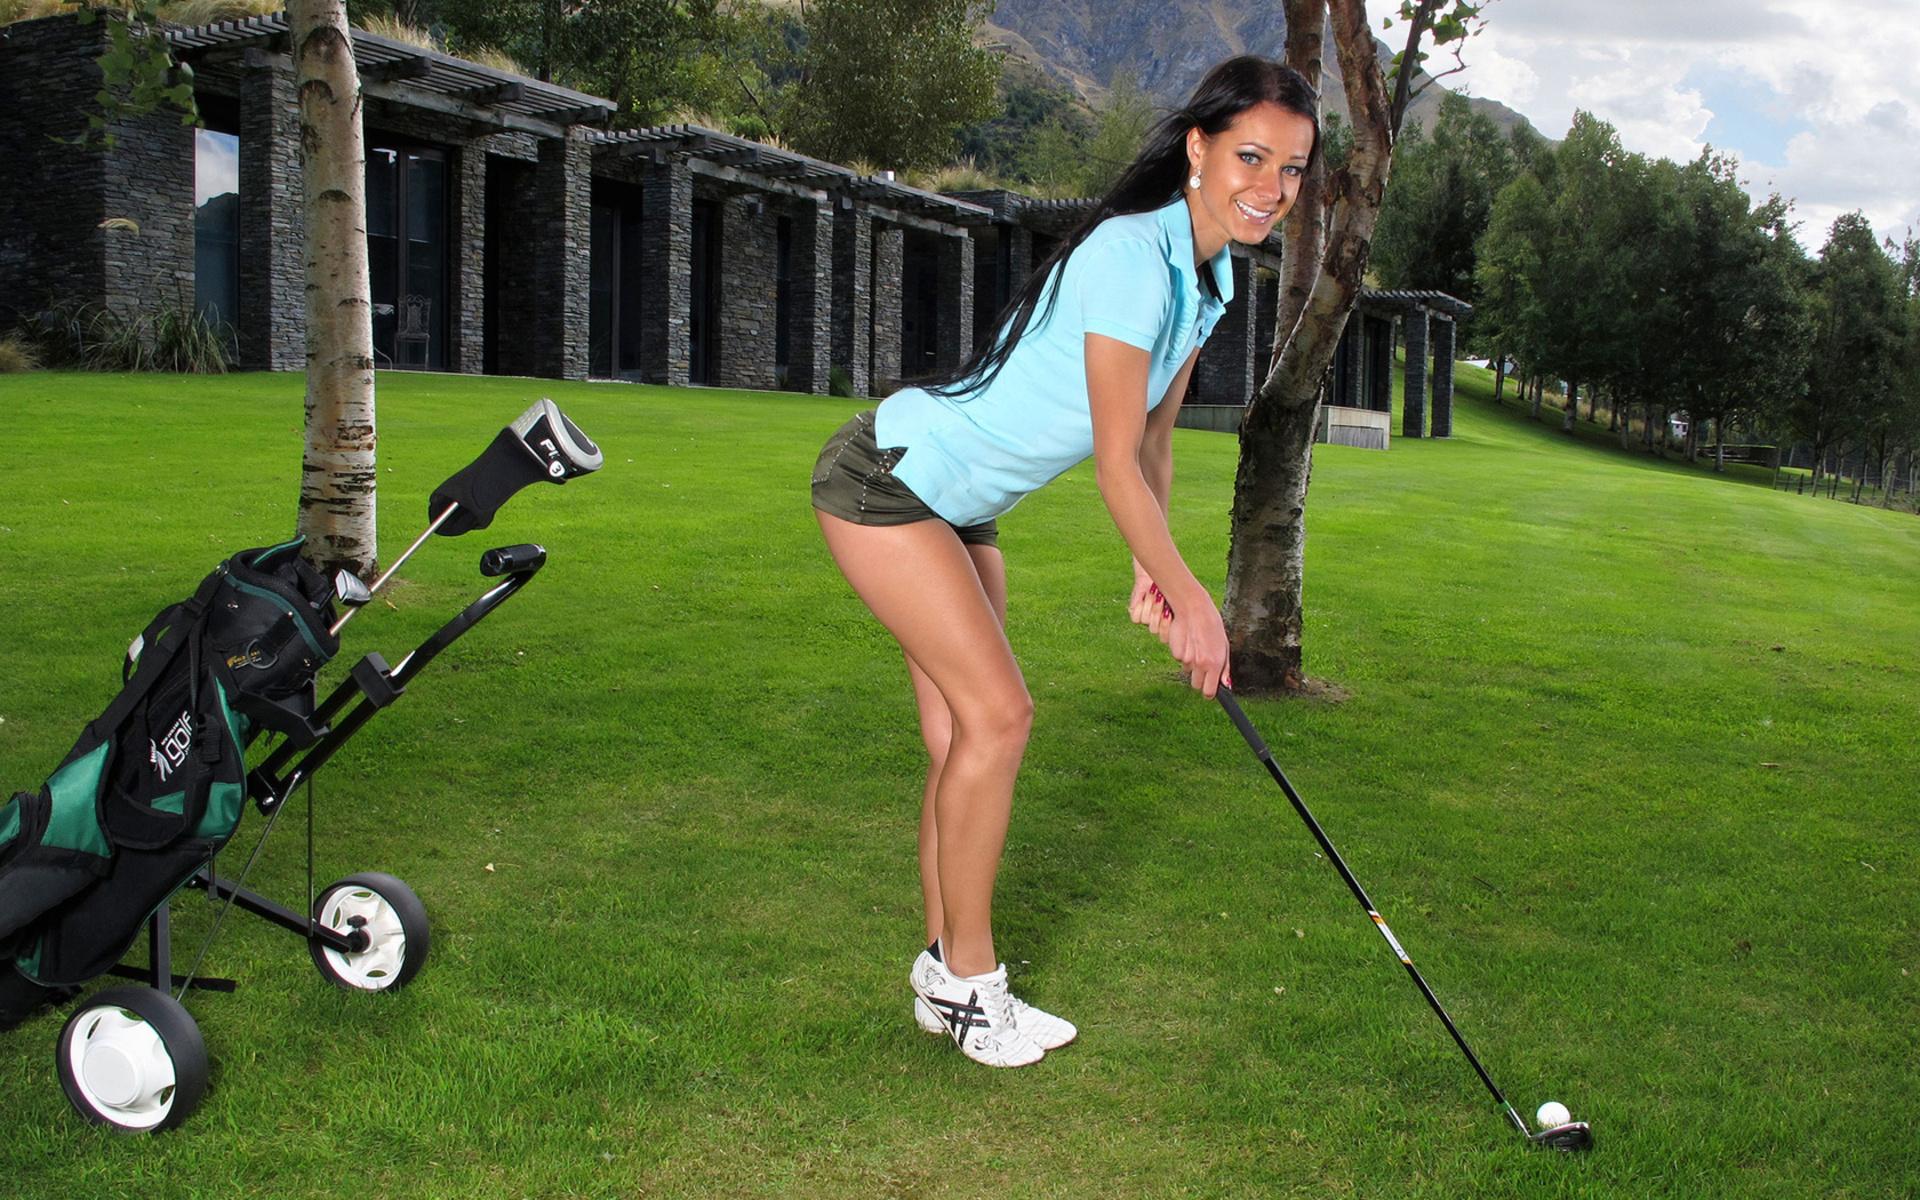 На поле для гольфа все должно быть идеально